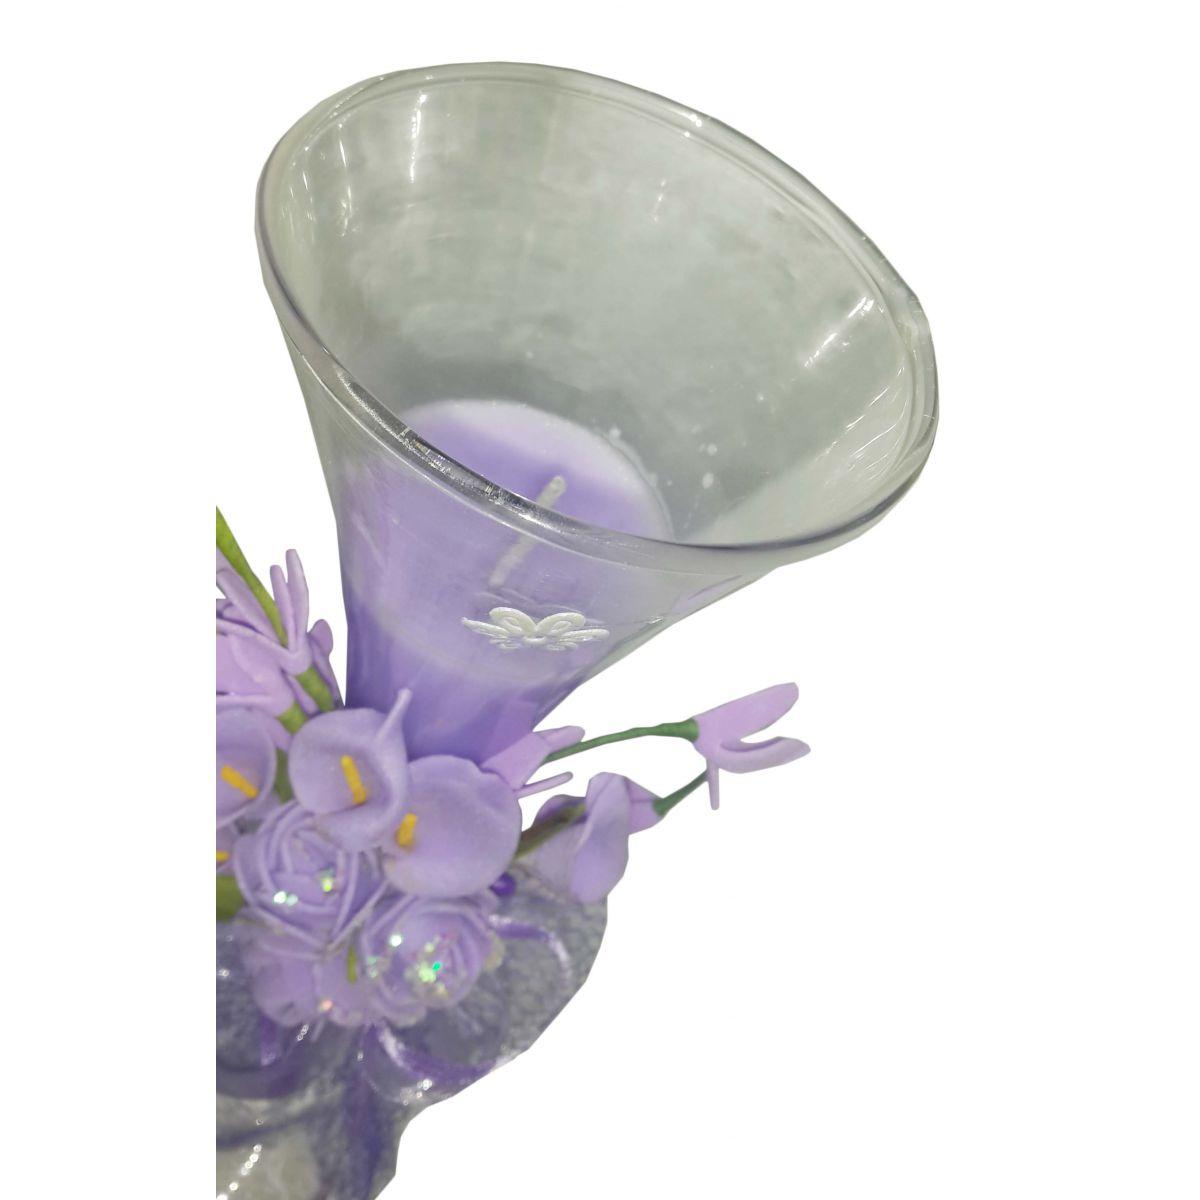 Vela Parafina Aromatizante Decorativa Grande Fragrancia Flores Lilas (WL-A)